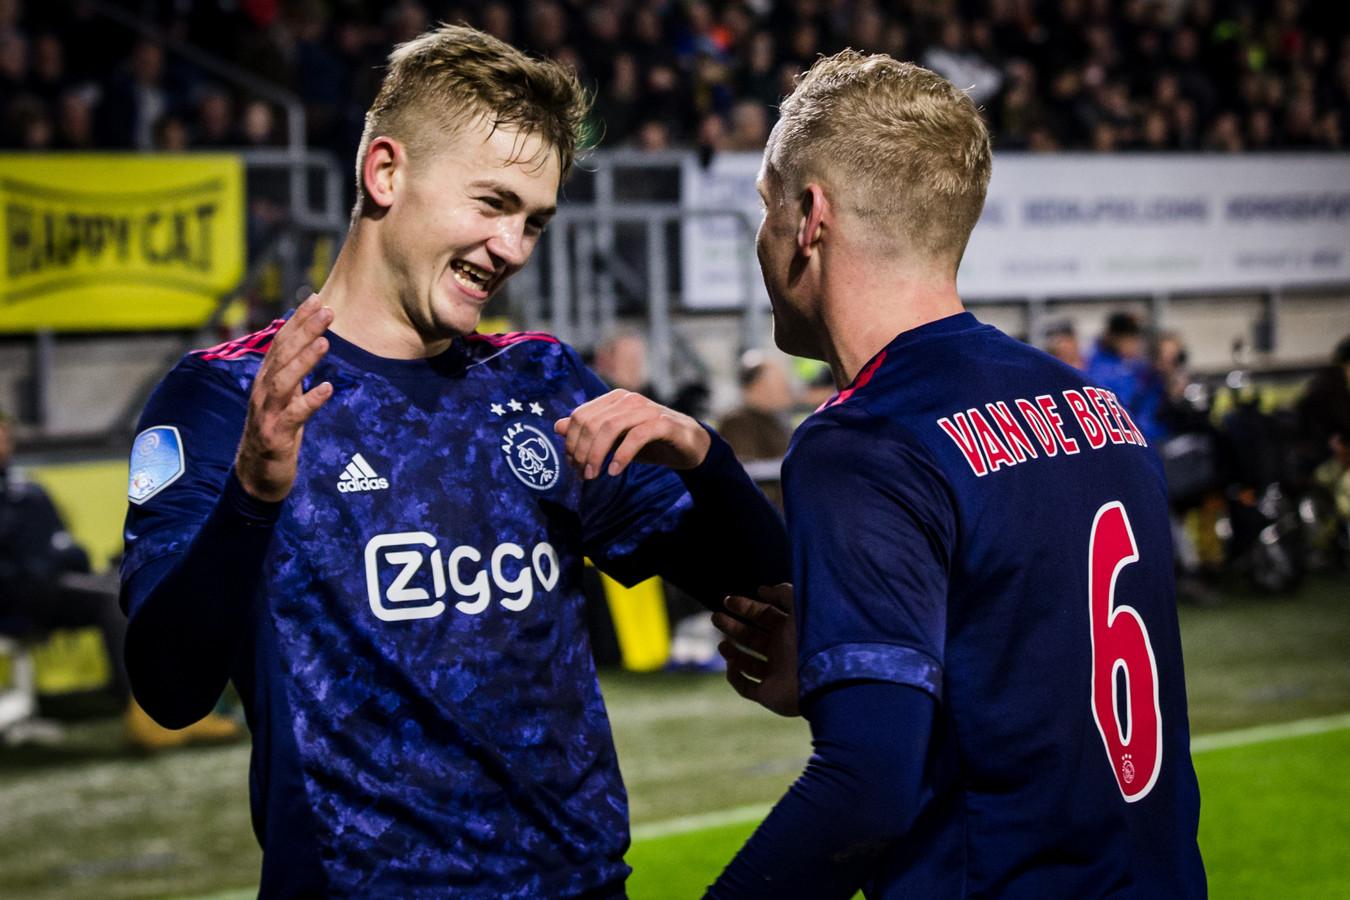 Van de Beek e De Ligt dell'Ajax